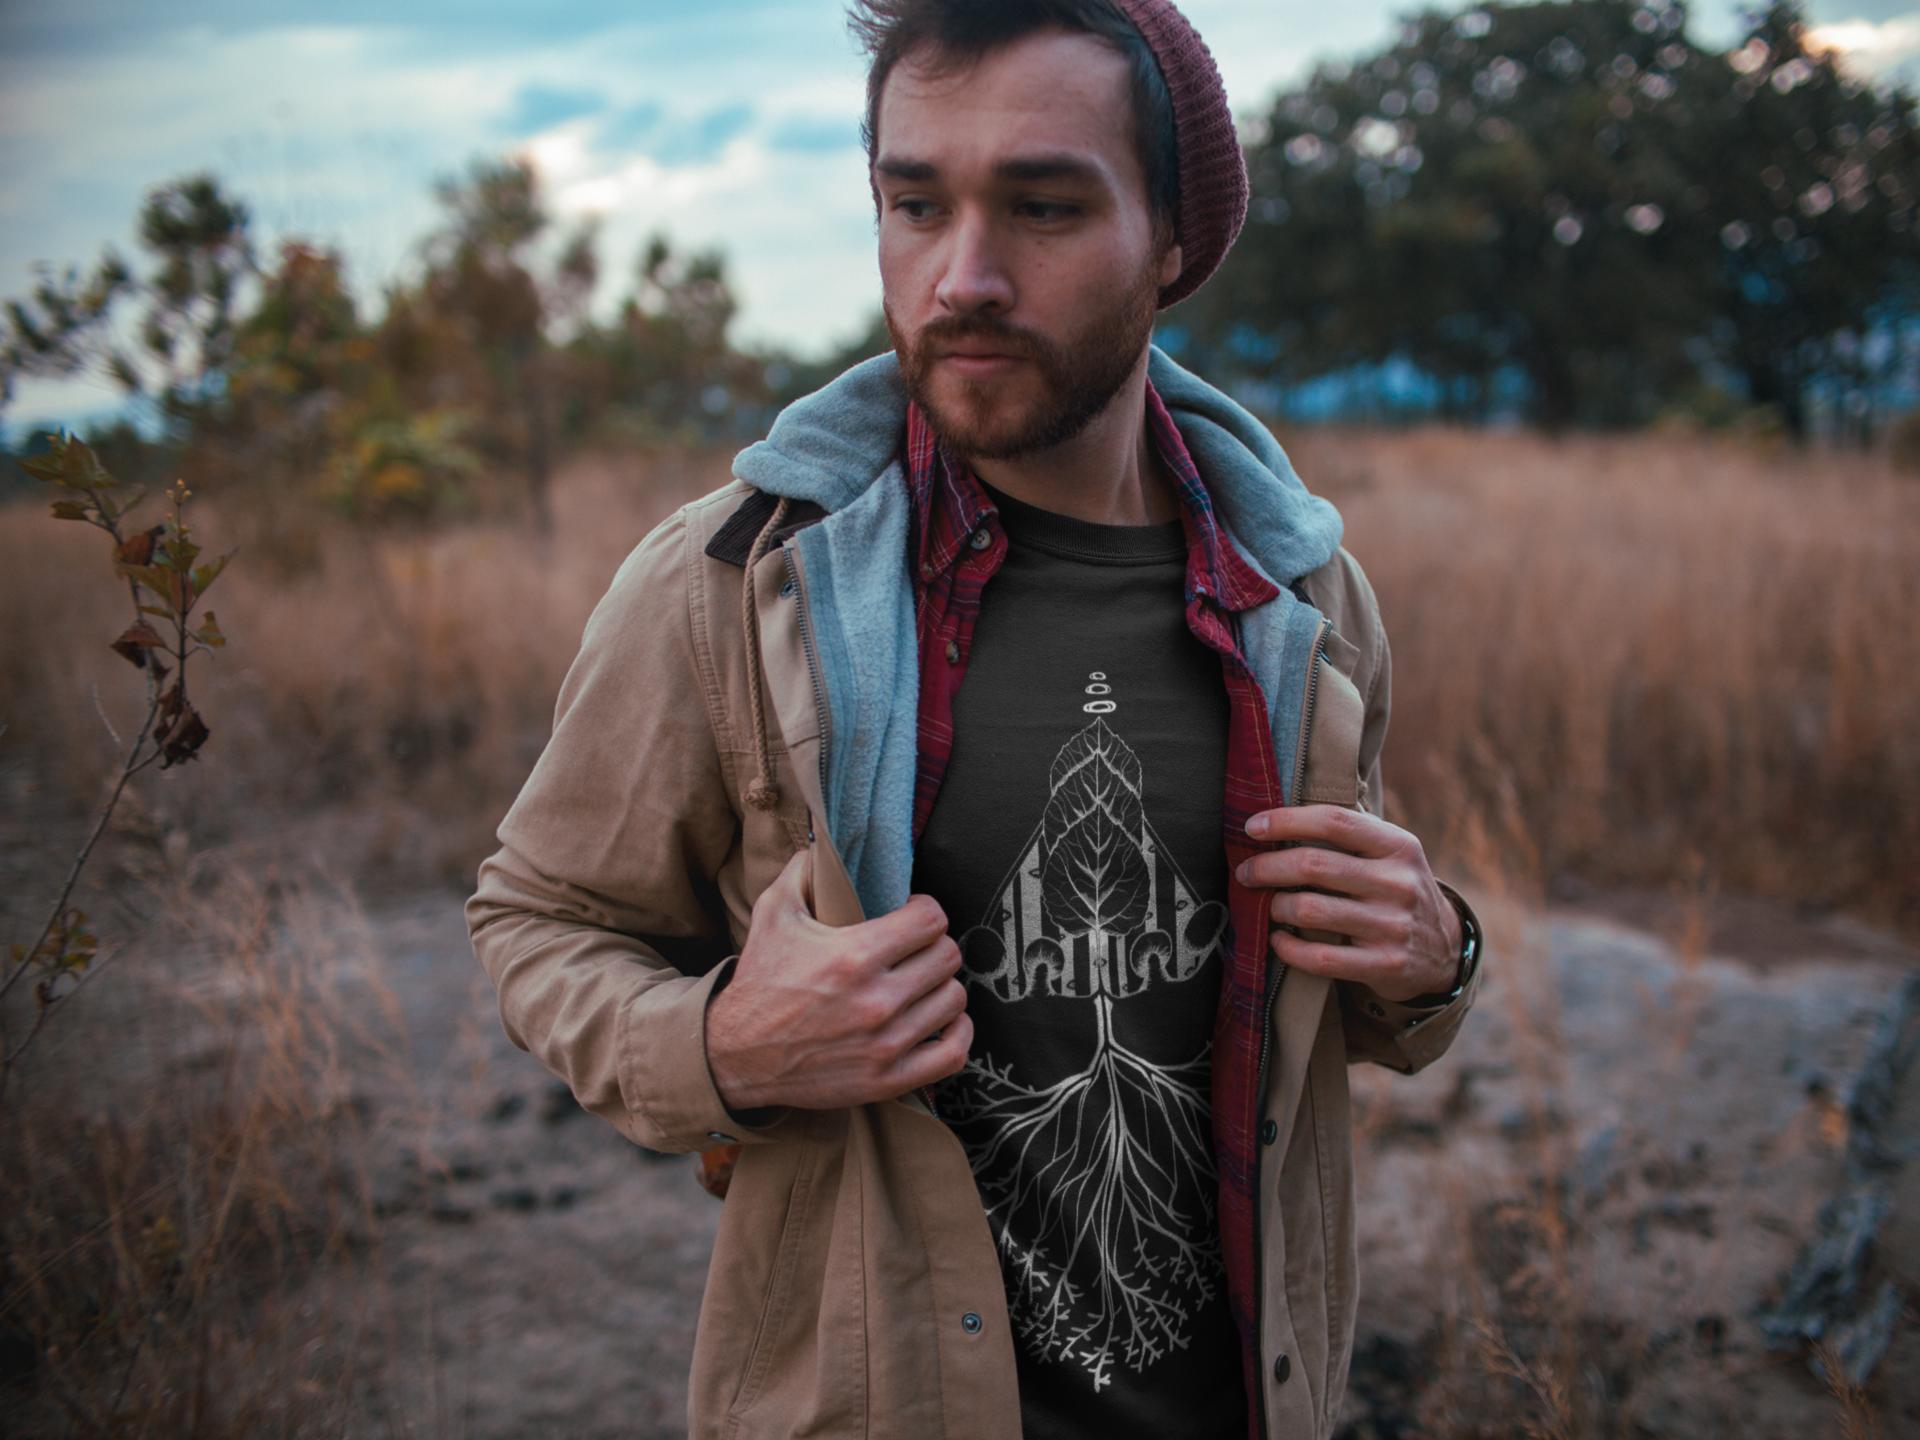 sad-man-walking-outdoors-wearing-a-t-shirt-mockup-a19029 (1).png